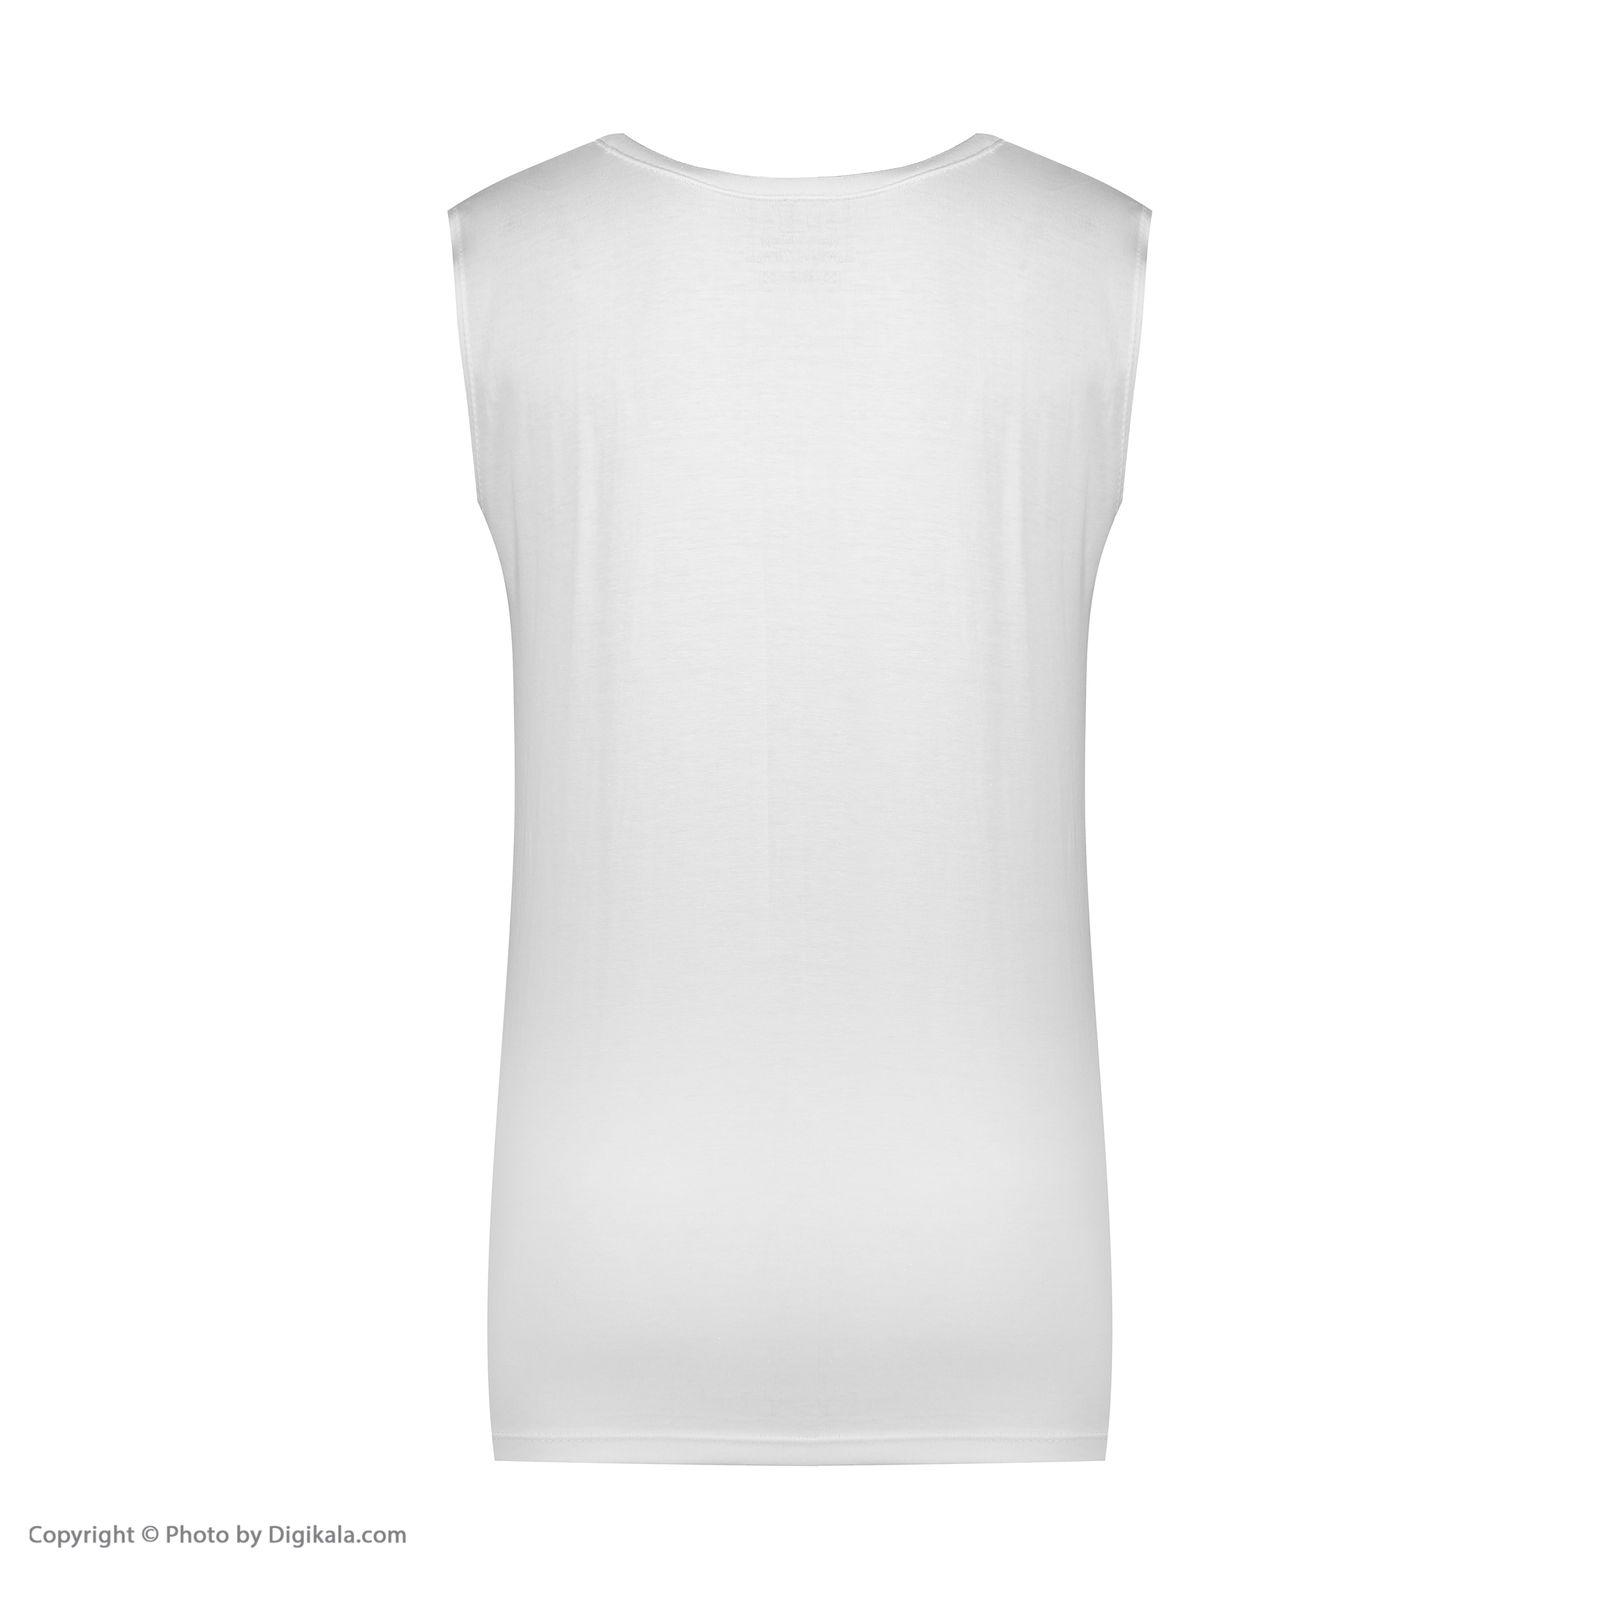 ست تاپ و شلوارک زنانه فمیلی ور طرح پاندا کد 0220 رنگ سفید -  - 10